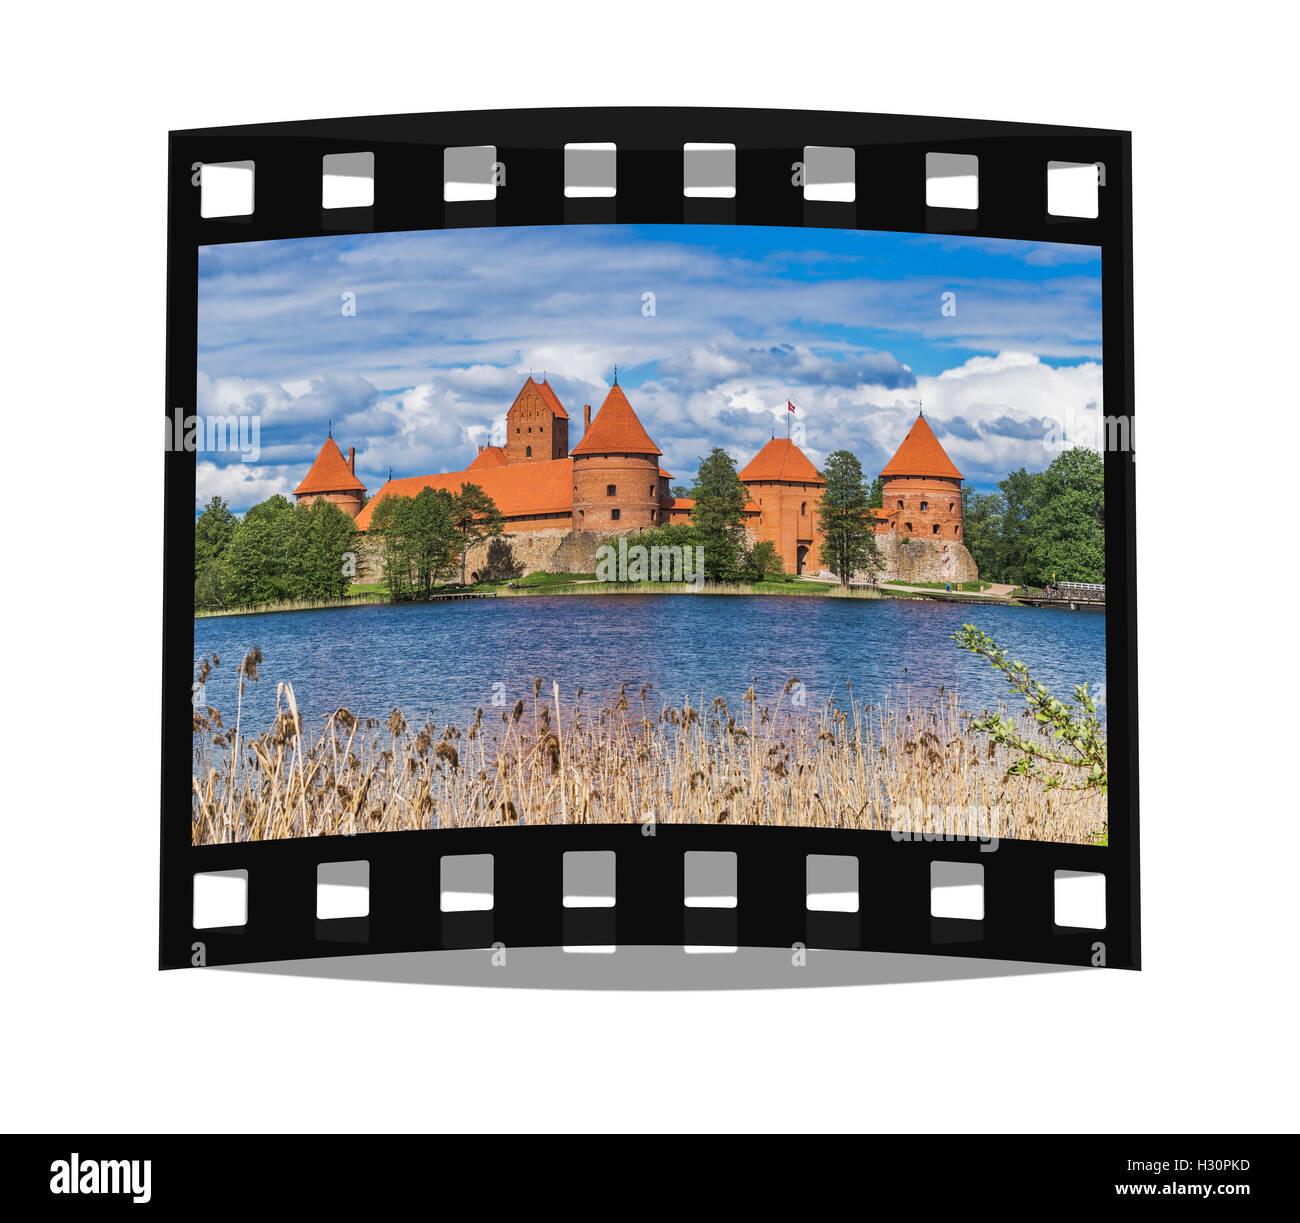 Die Wasserburg Trakai wurde im 14. Jahrhundert errichtet und befindet sich in der Nähe von Vilnius,  - Stock Image